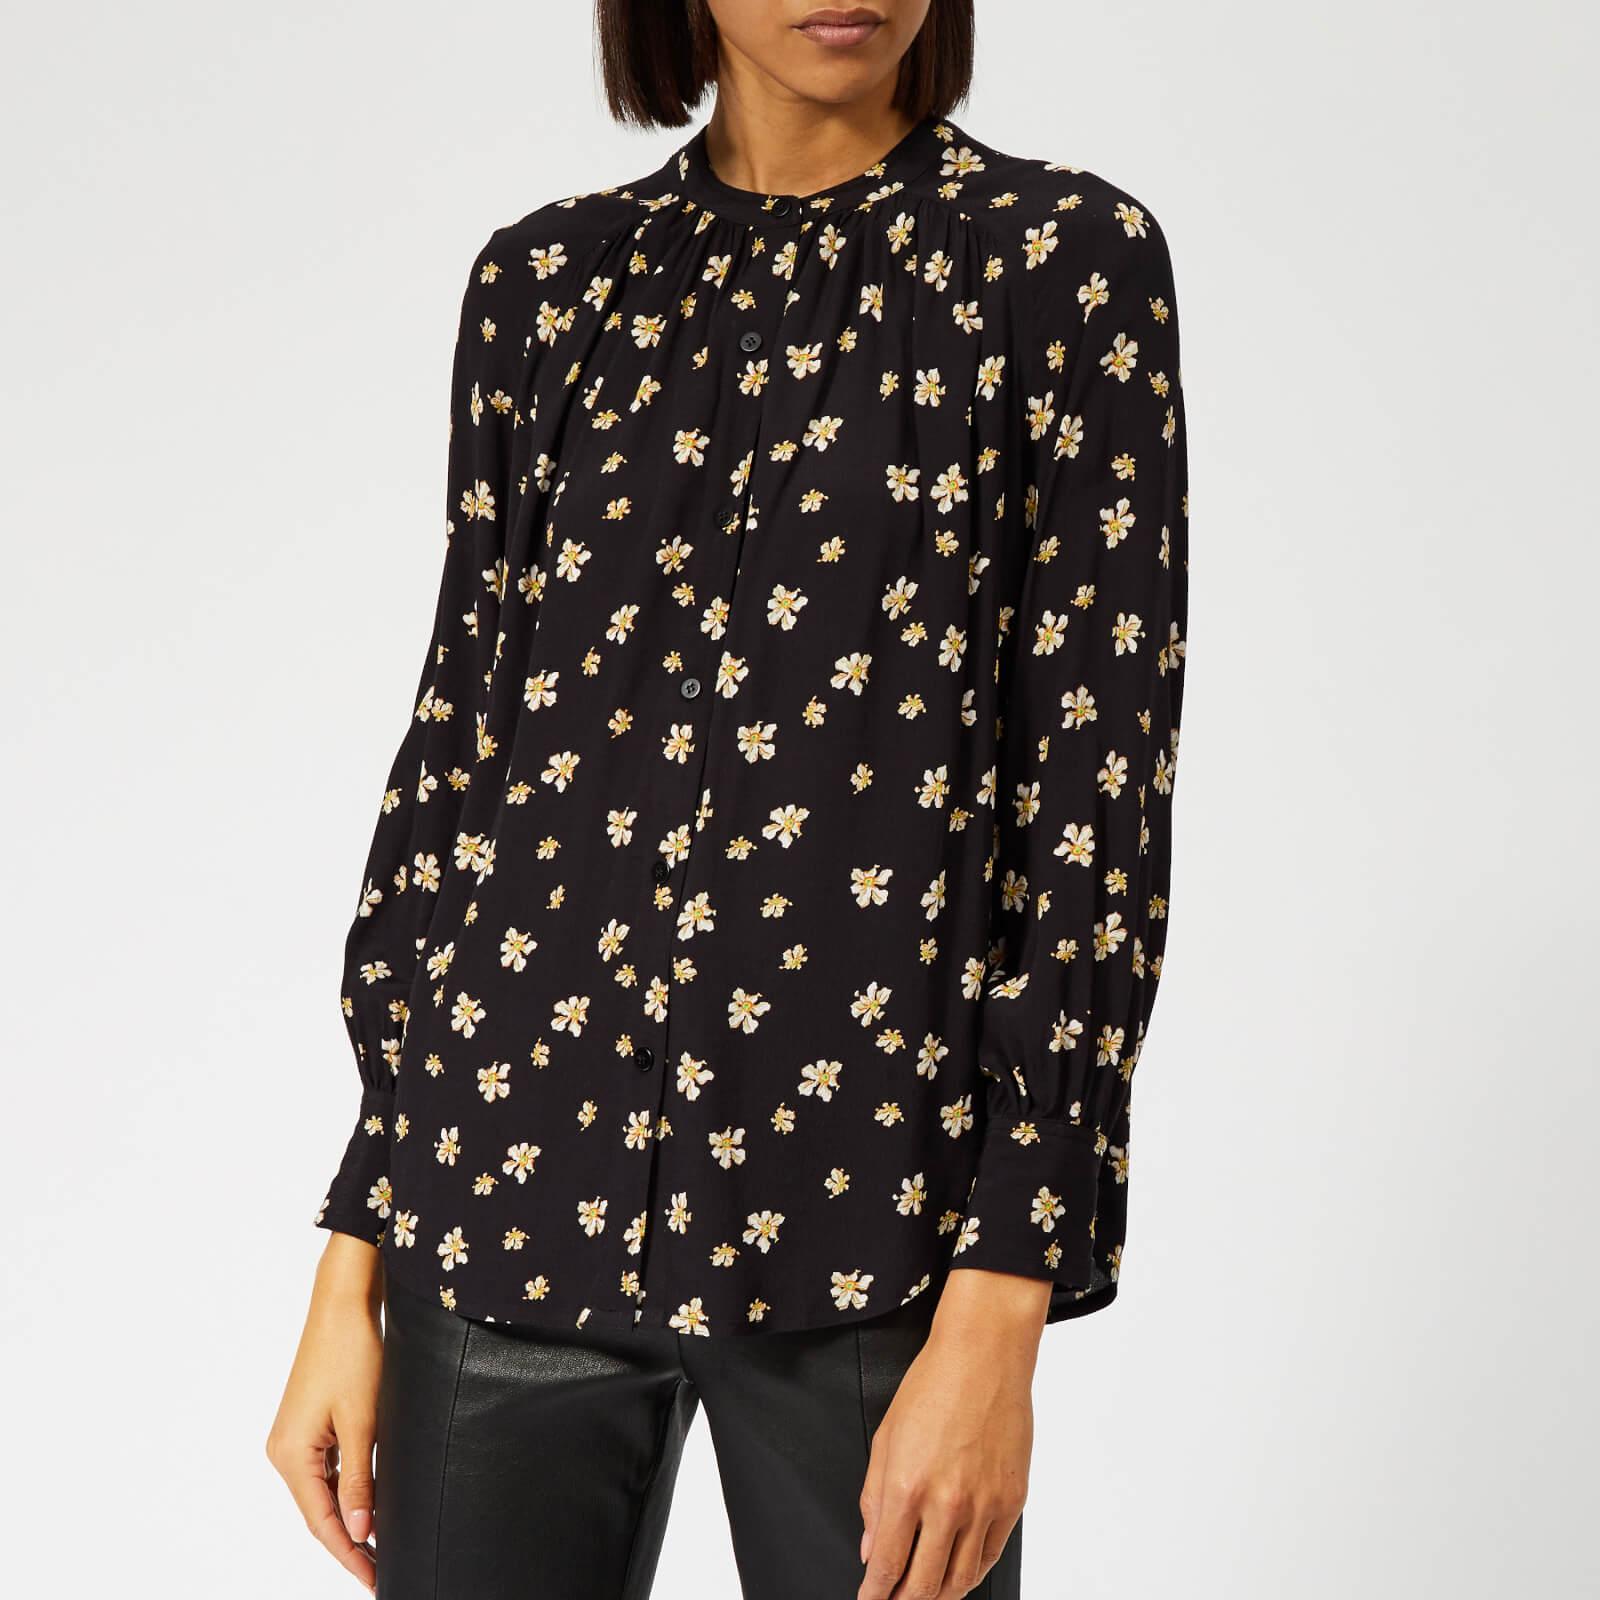 Whistles Women's Edelweiss Print Blouse - Black/Multi - UK 10 - Black